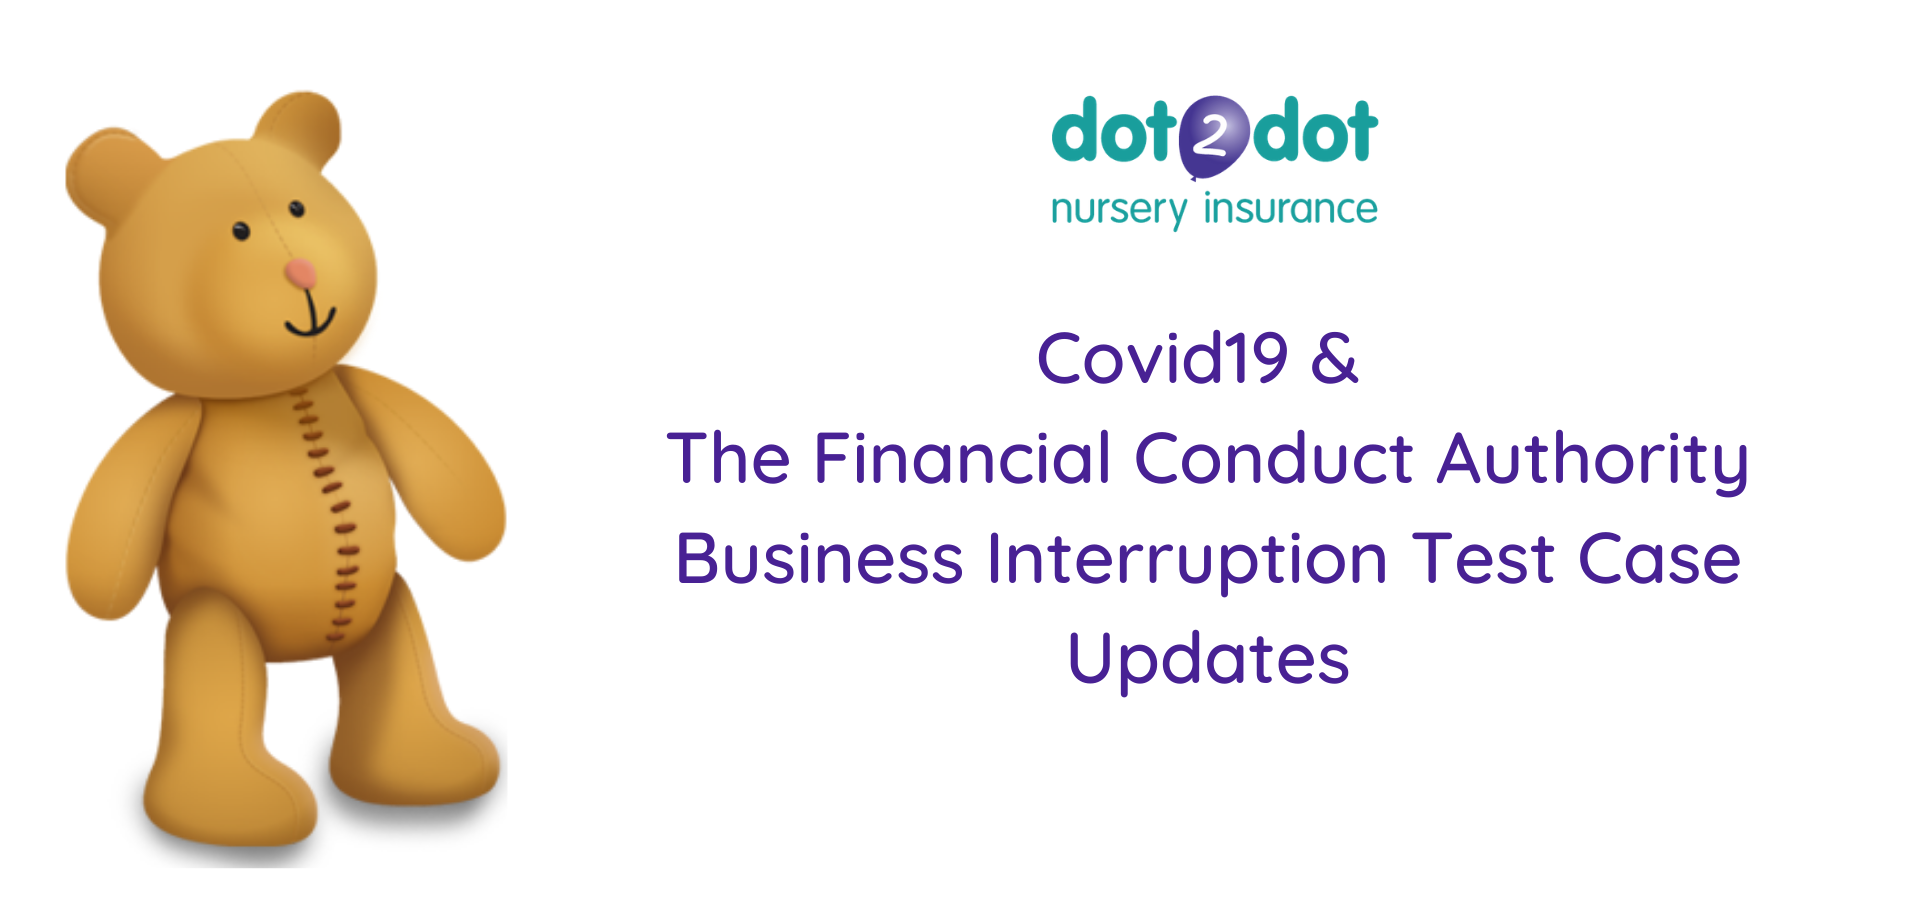 Covid19 & The FCA BI Test Case Updates